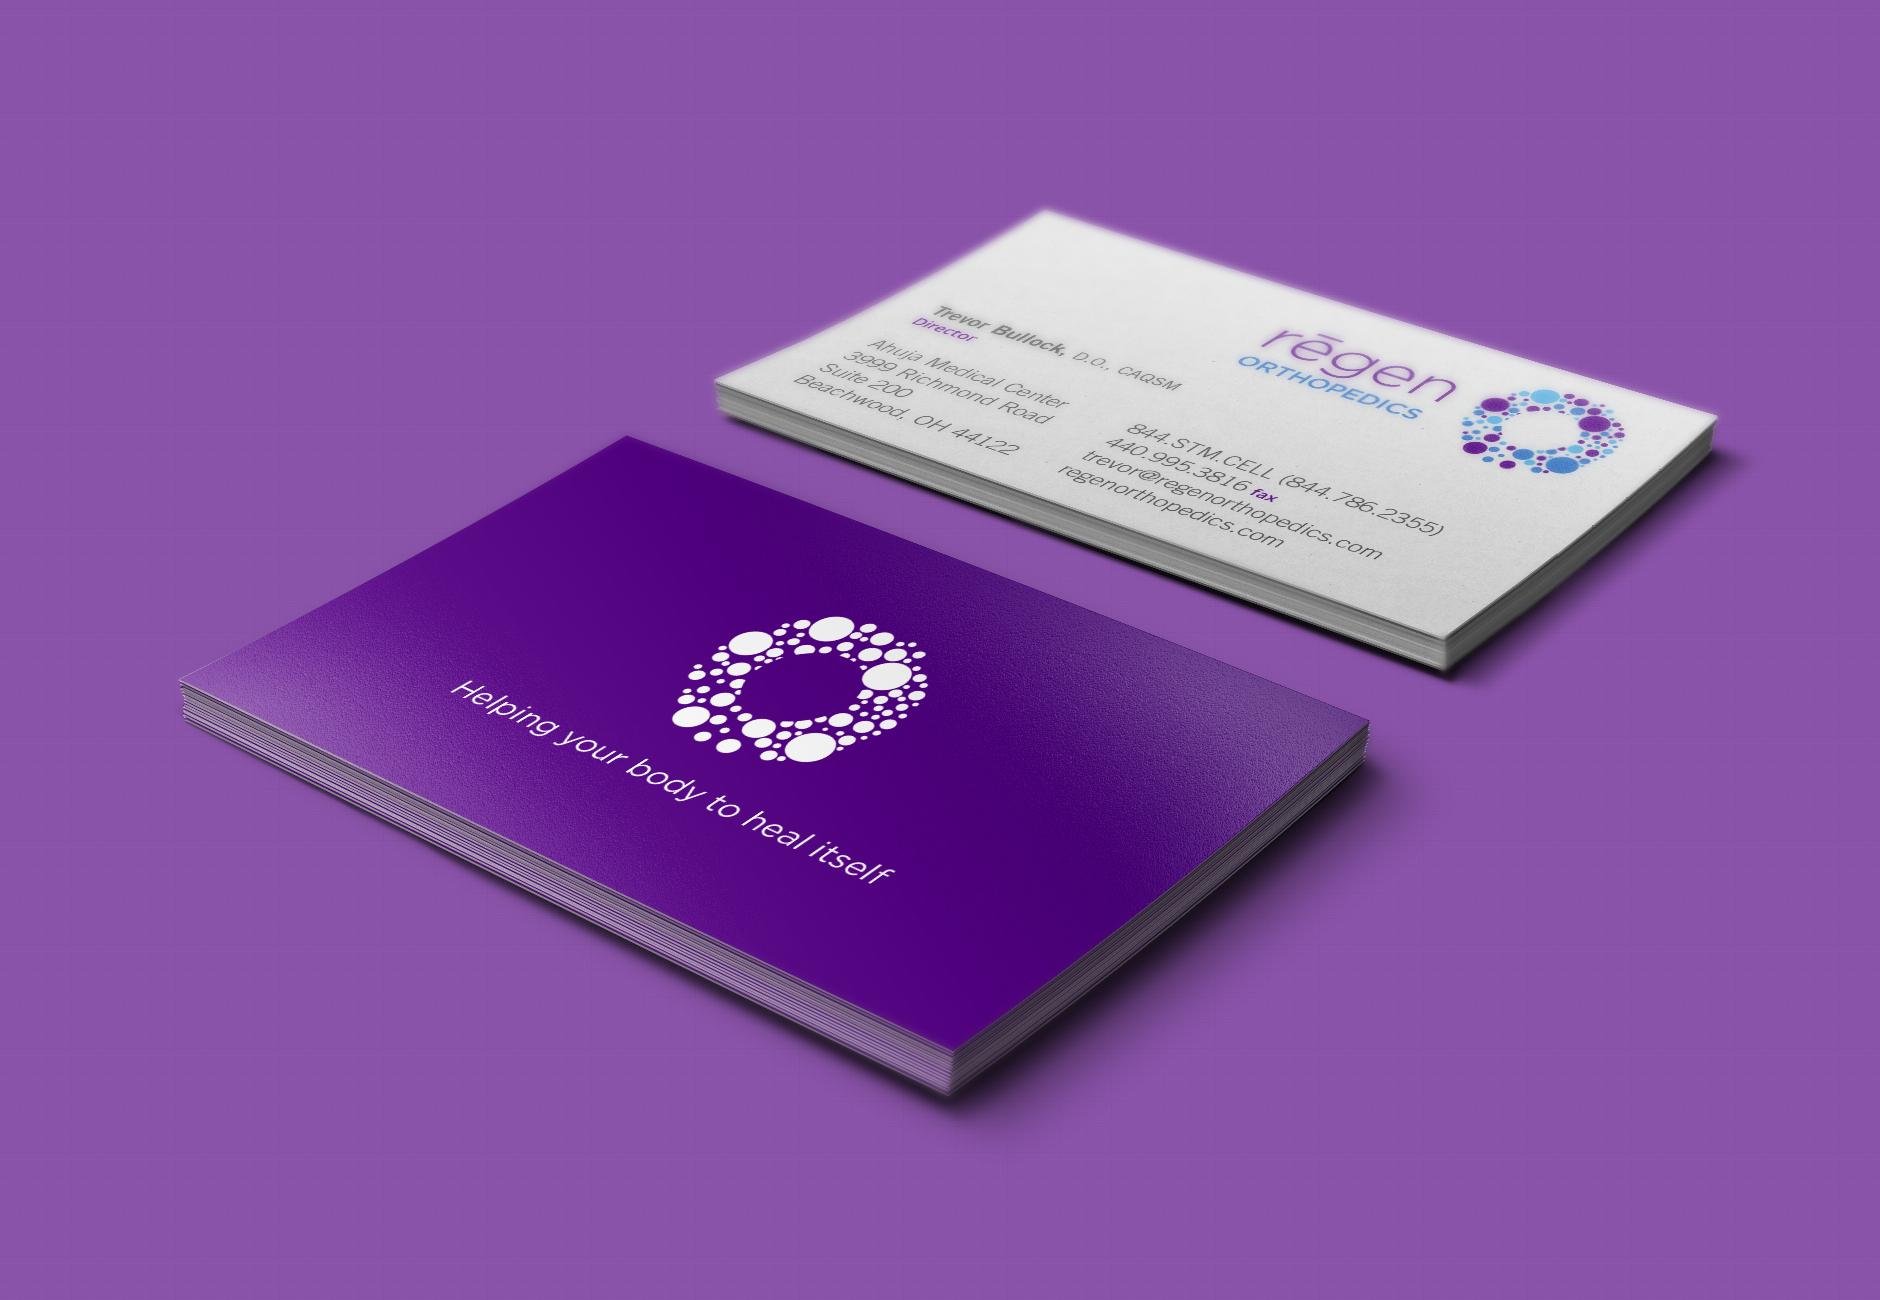 Regen Orthopedics Letterhead Business-Card | branding and healthcare